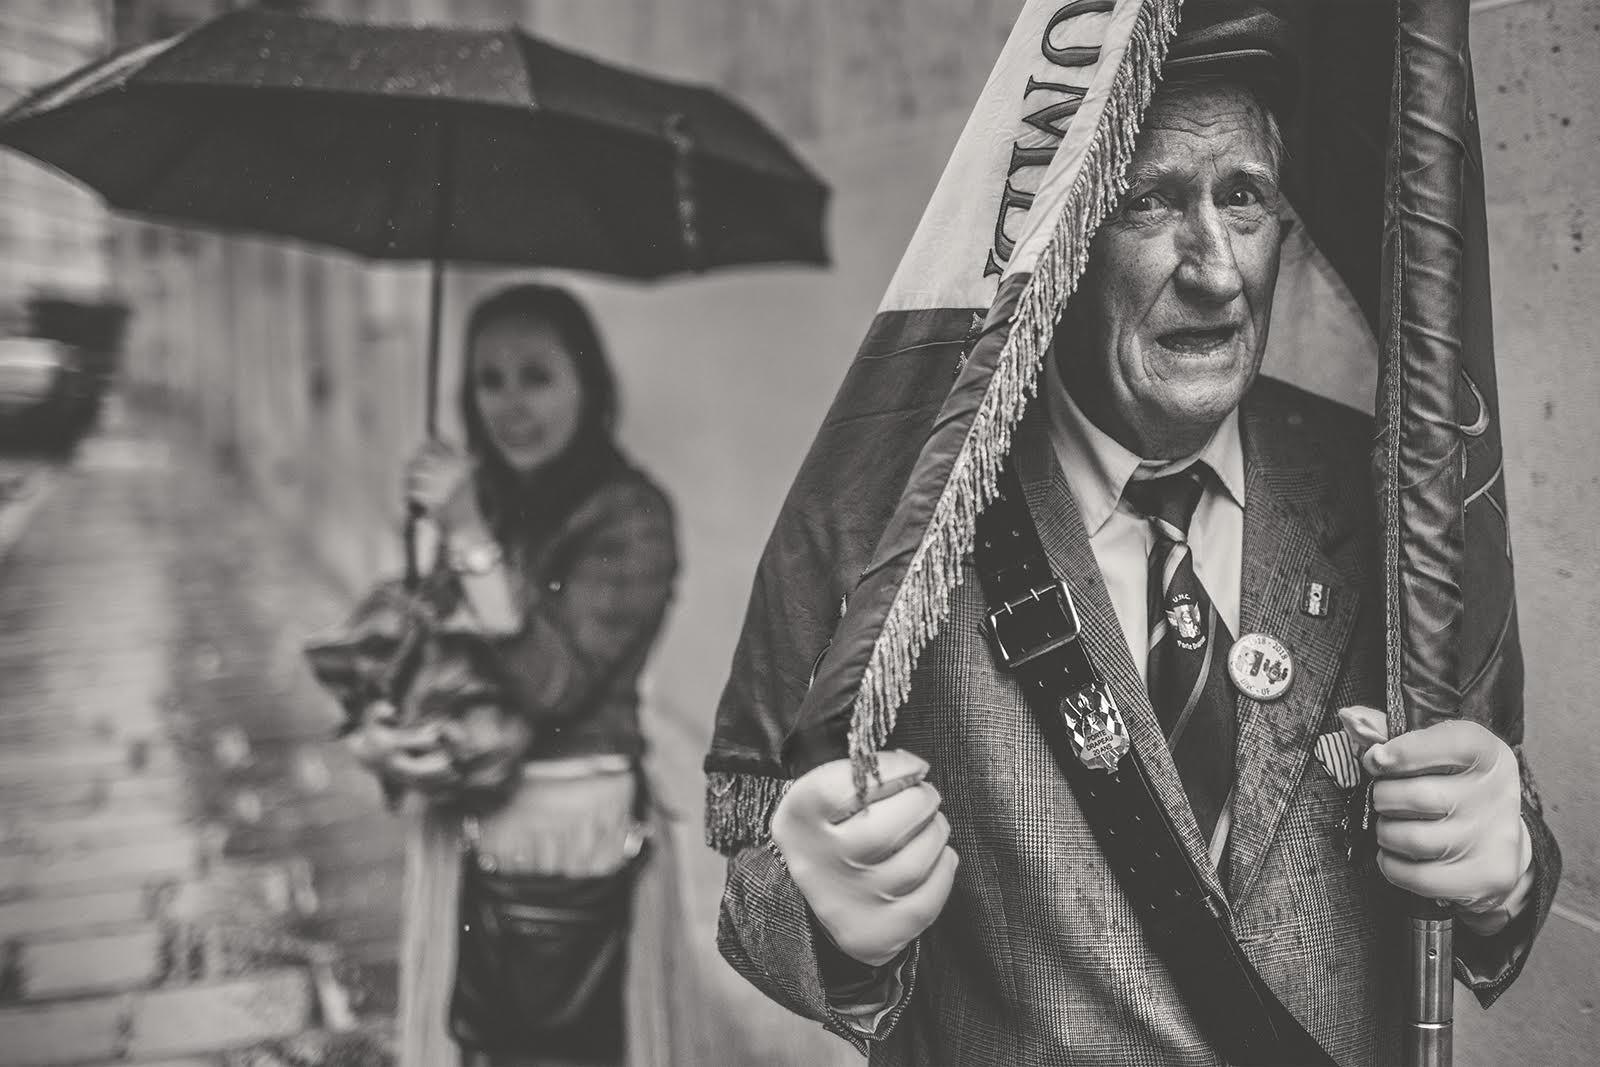 MONO - Veteran by Donal McCann (9 marks)